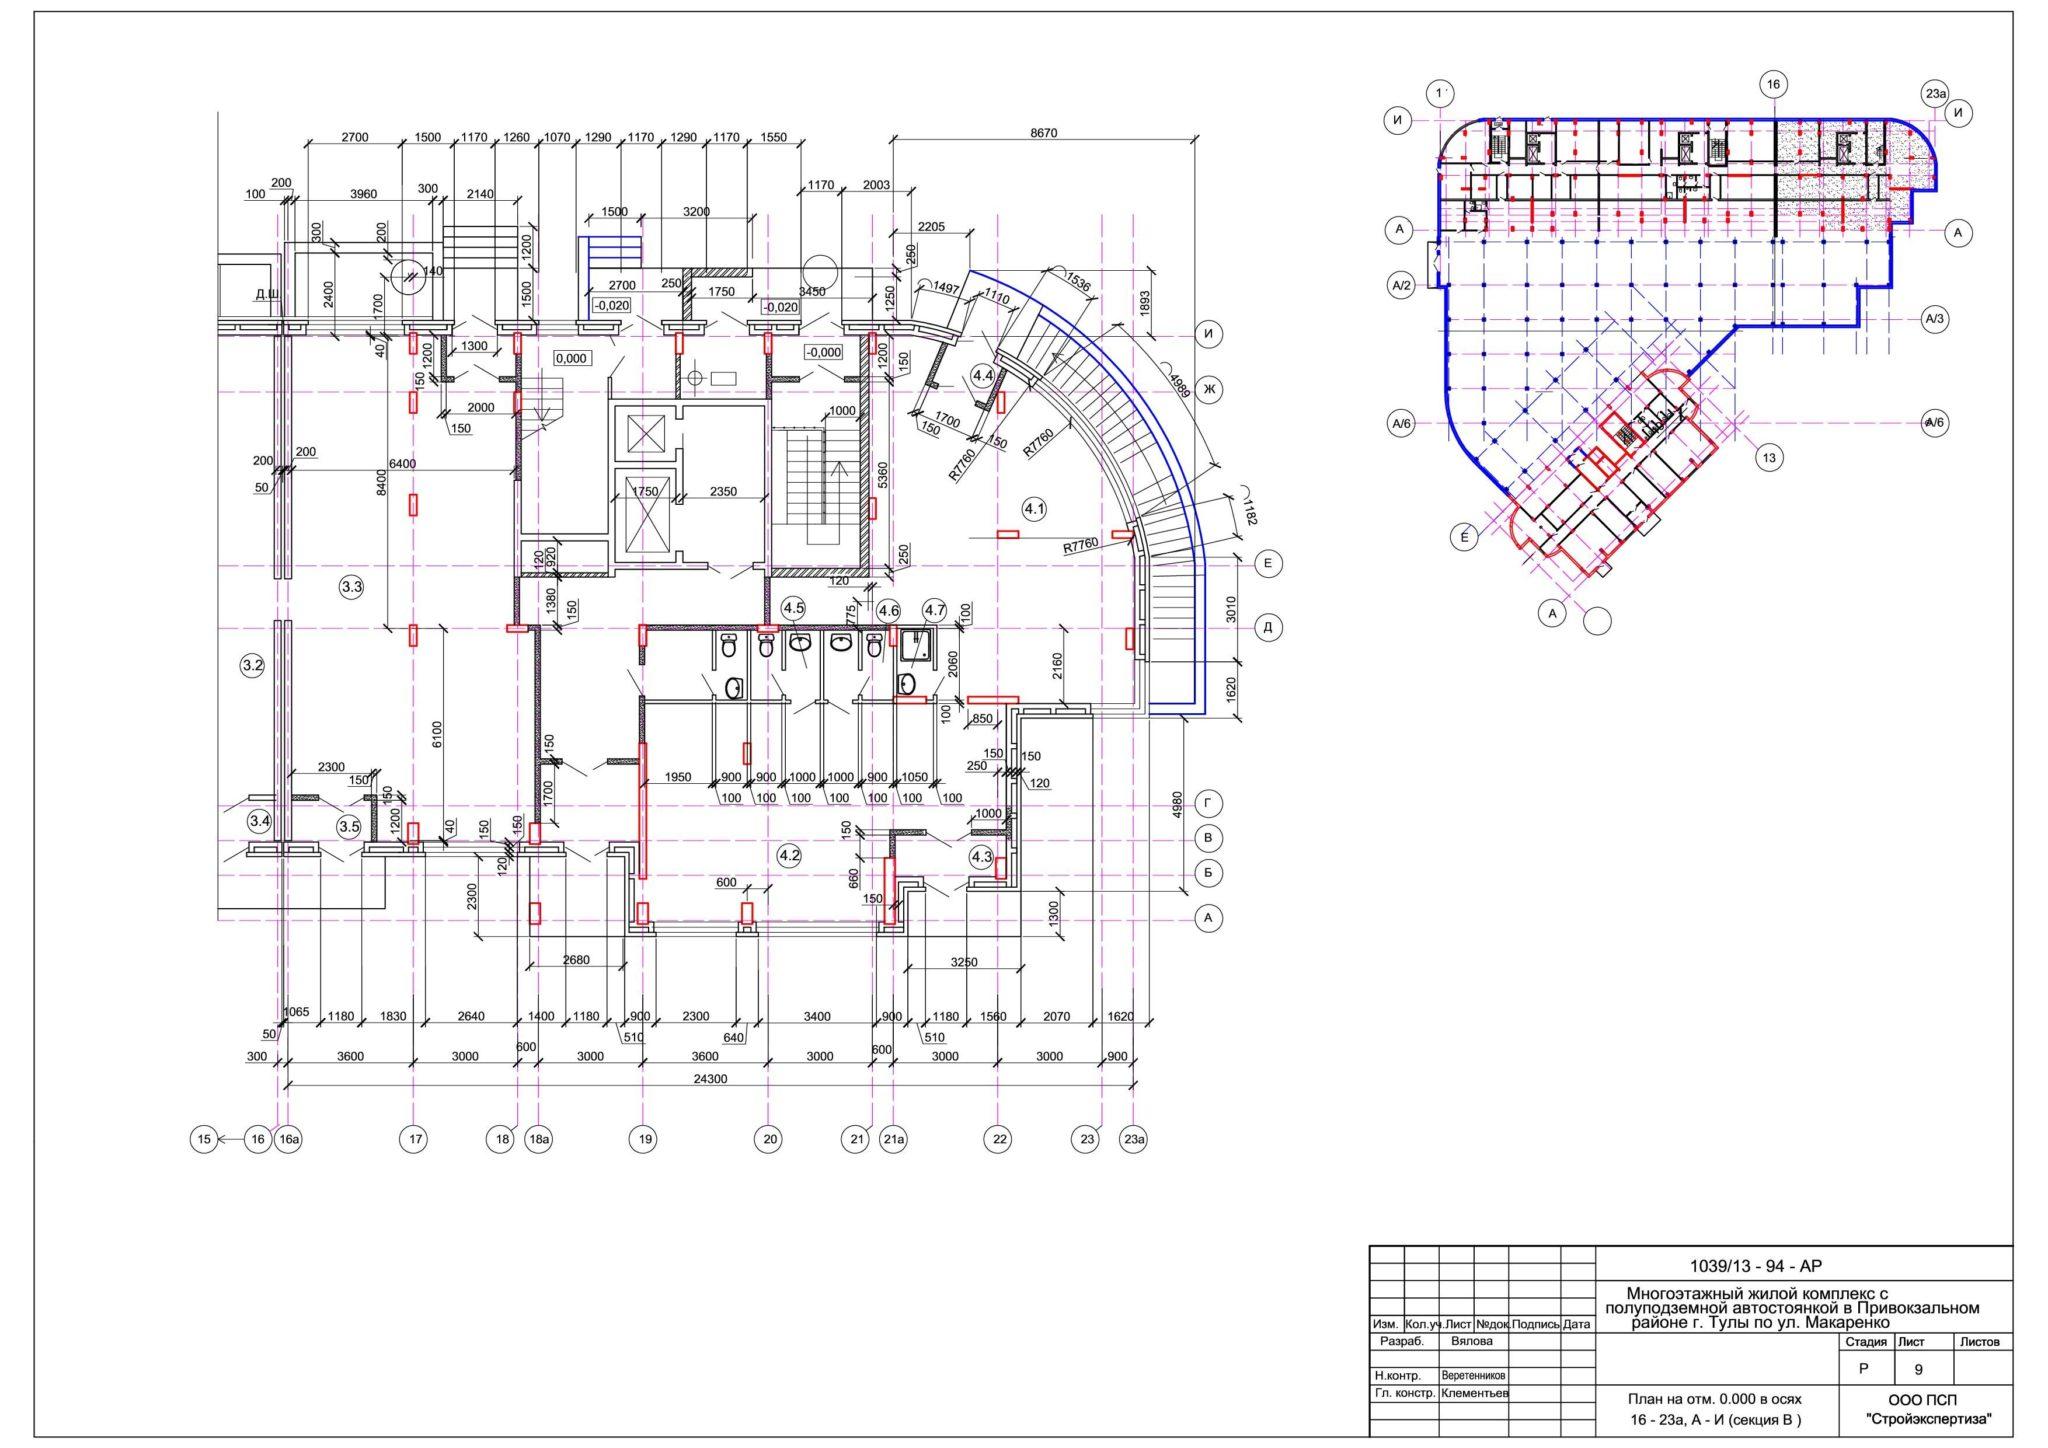 План нежилых помещений 1-го этажа. Секция В ЖК МАКАРЕНКО